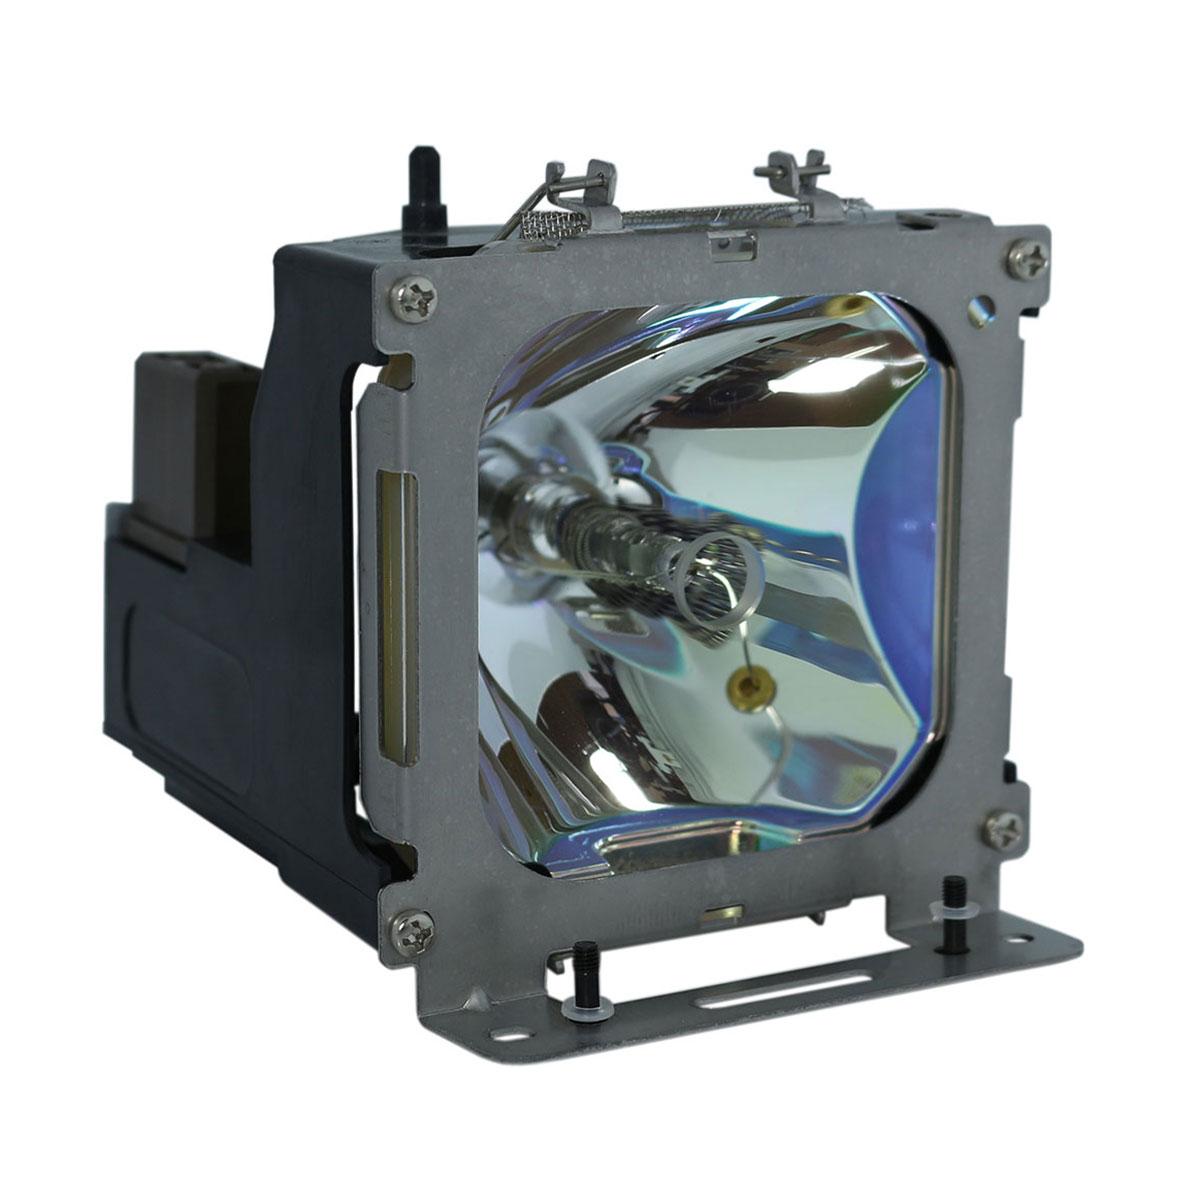 Lutema Platinum pour Liesegang ZU0287-04-4010 lampe de Projecteur avec bo�tier (ampoule Philips originale � l'int�rieur) - image 3 de 5